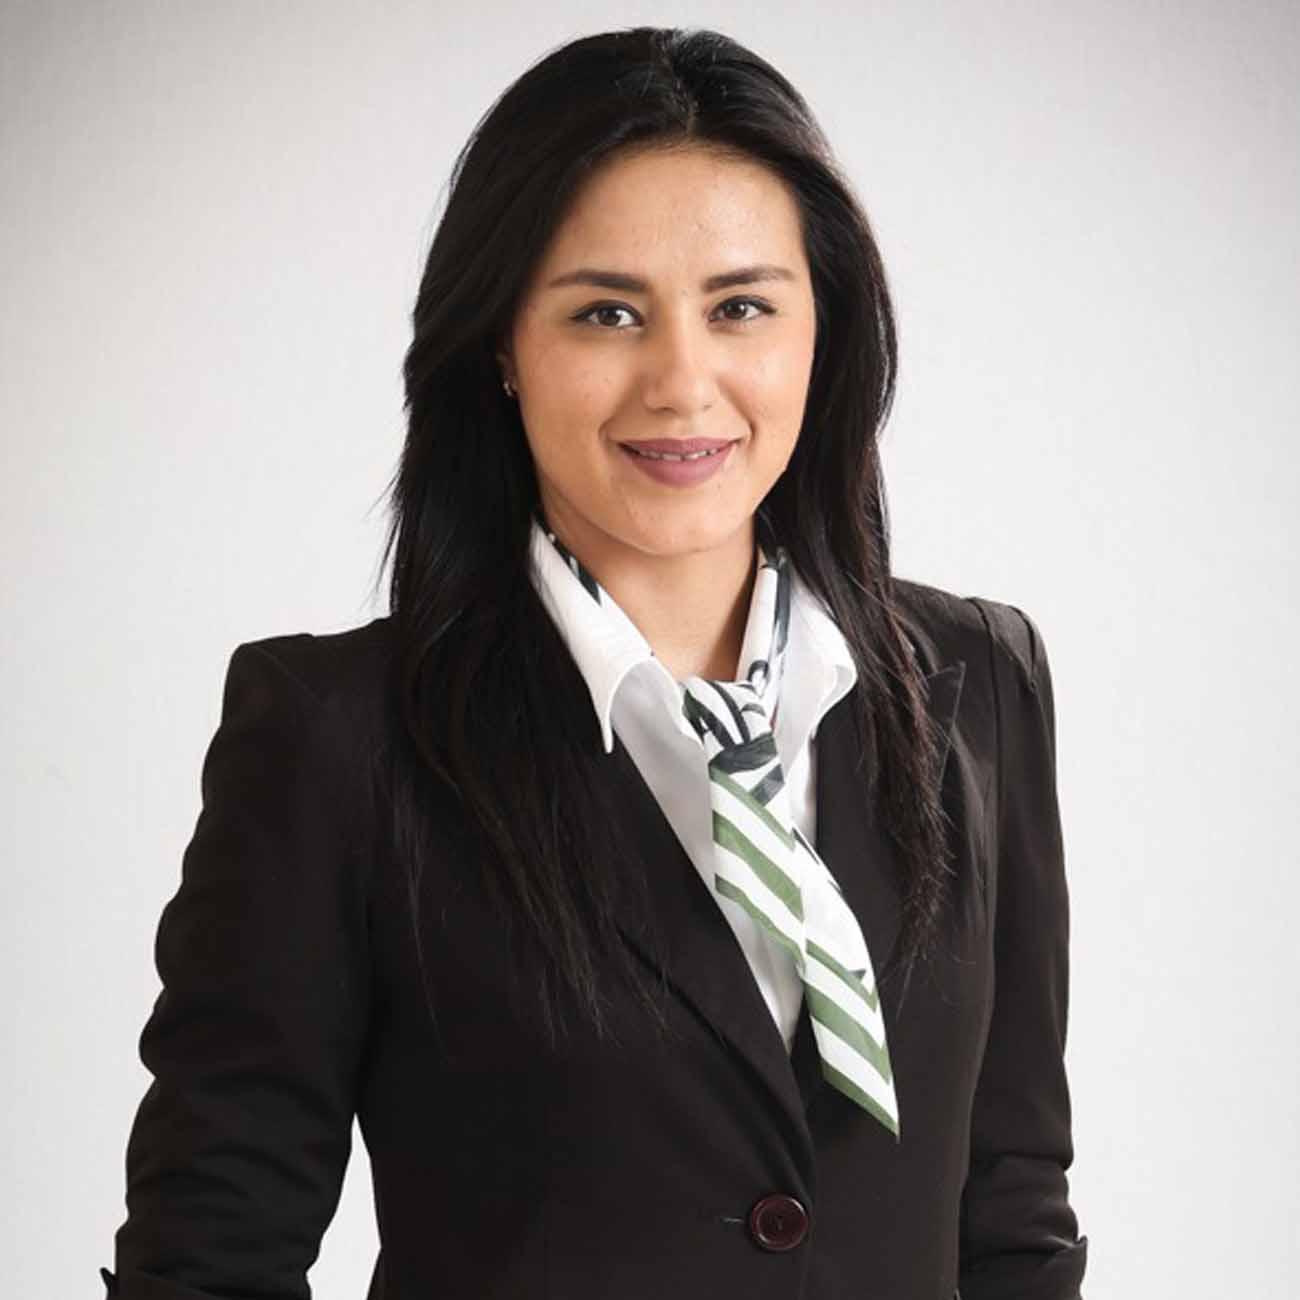 Lic. Karla A. Fuentes Padilla